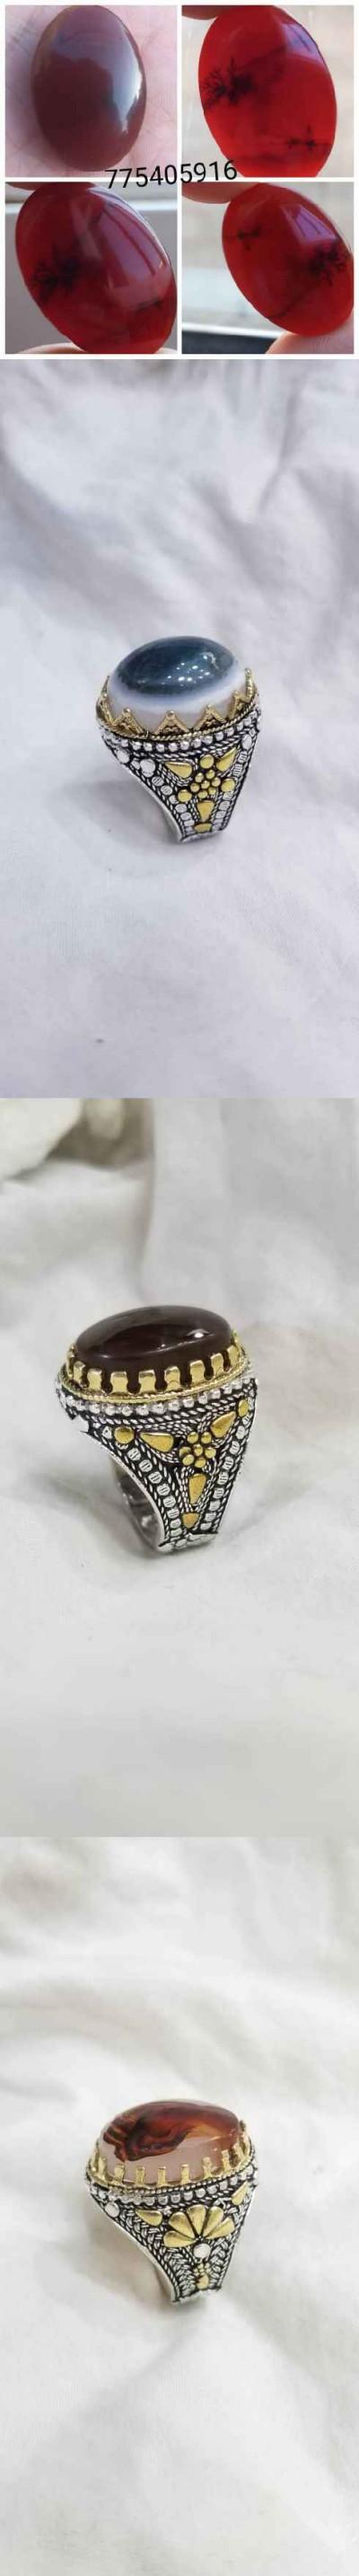 لاتفوتك فرصة اقتناء خاتمك من العقيق اليماني | eramgemston | Digital Drawing | PENUP